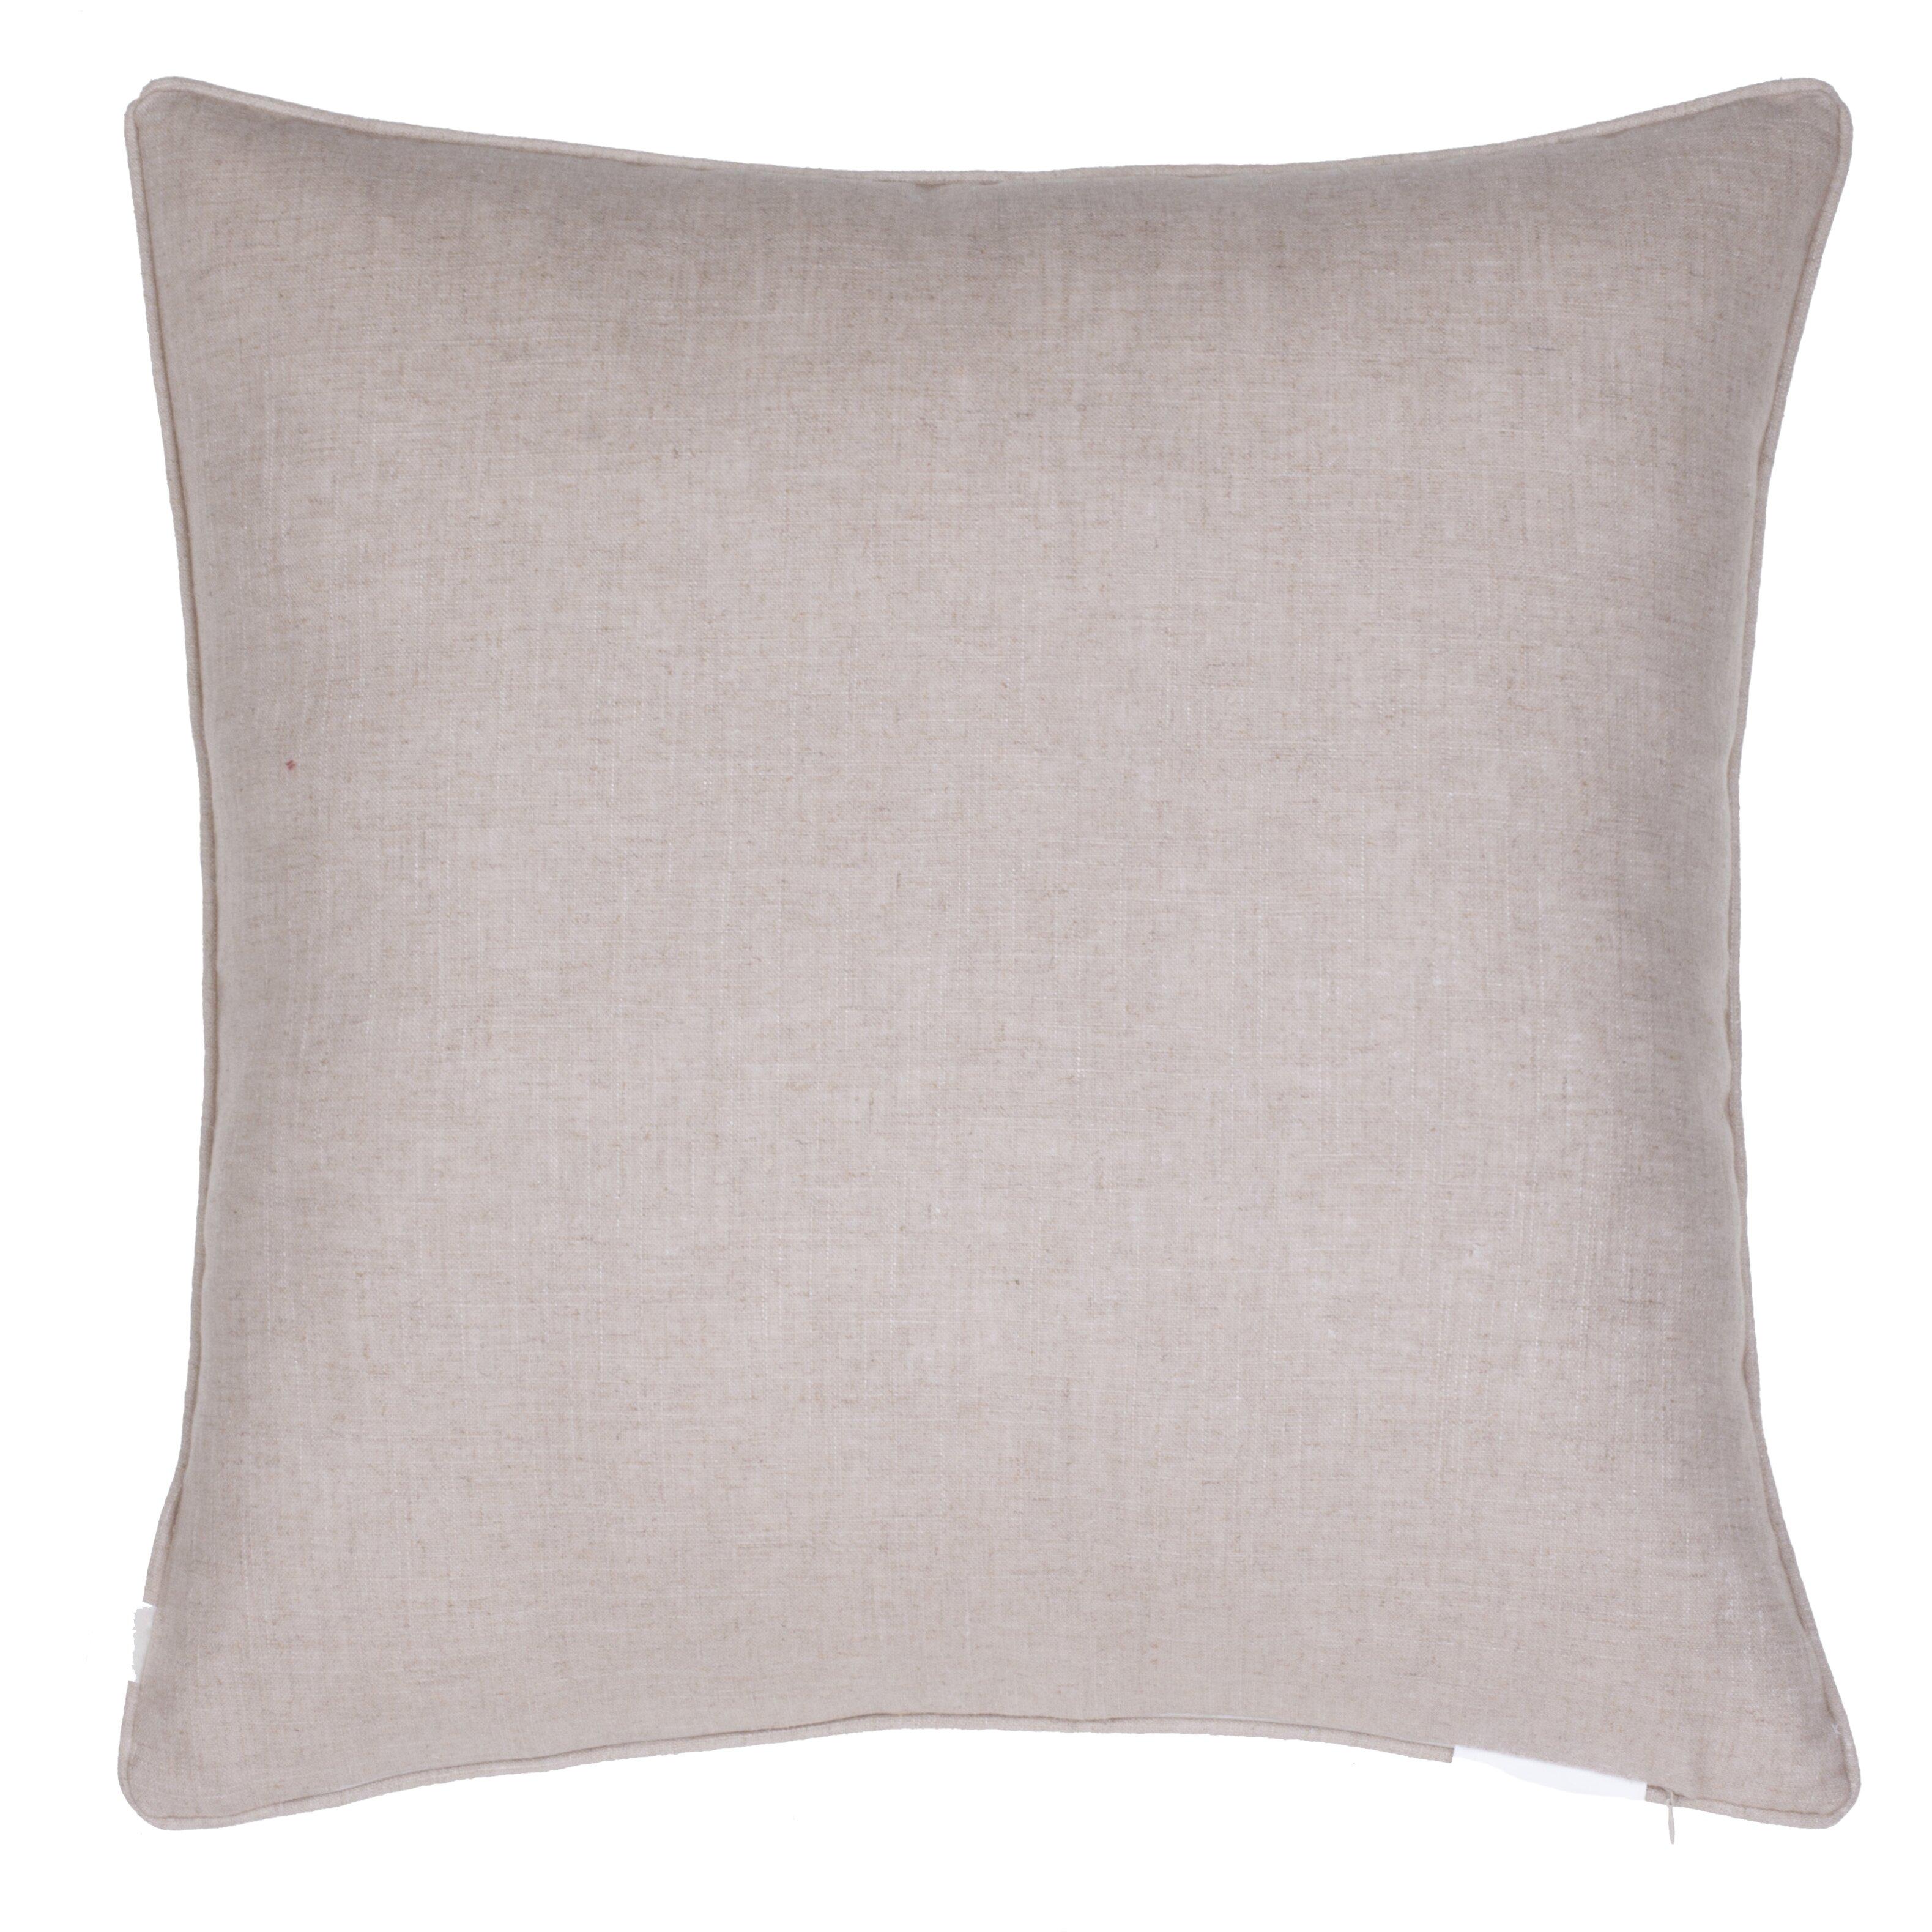 Decorative Pillows Home : 14 Karat Home Inc. Planks Throw Pillow & Reviews Wayfair